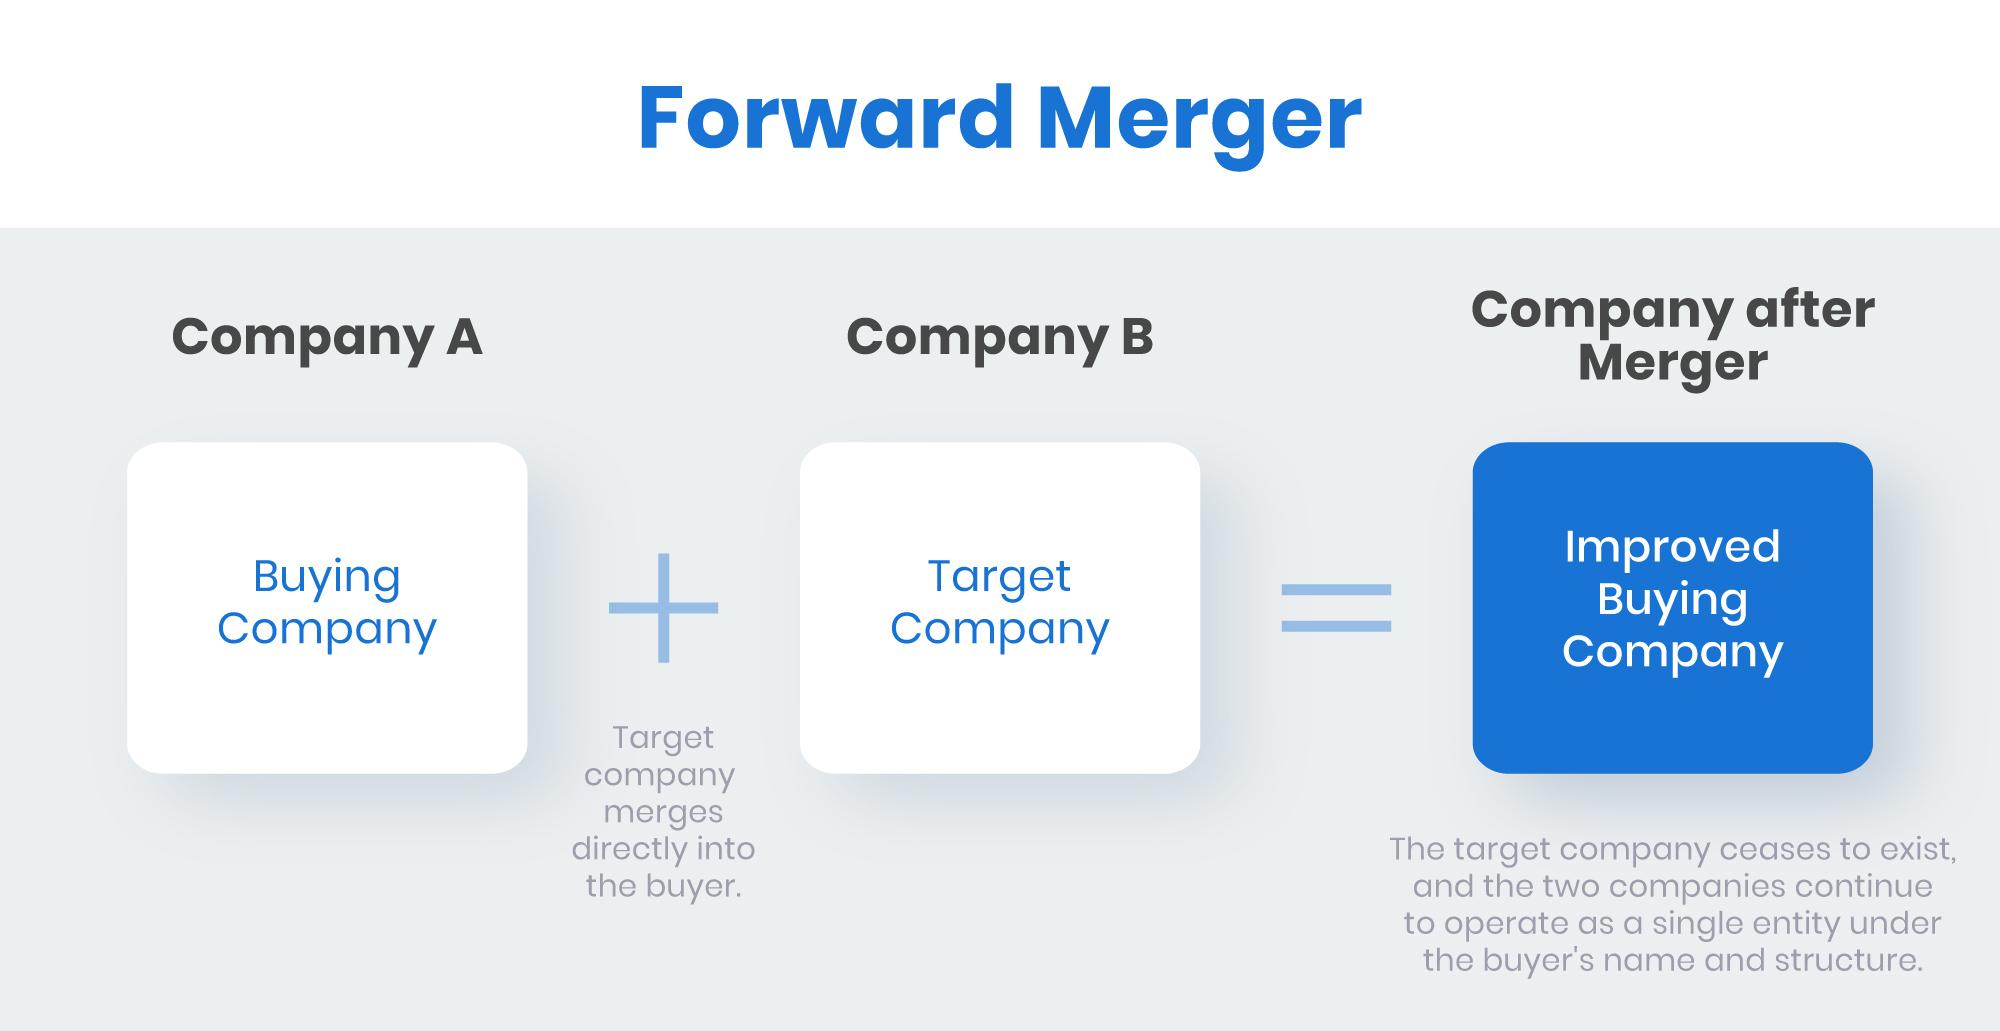 forward merger